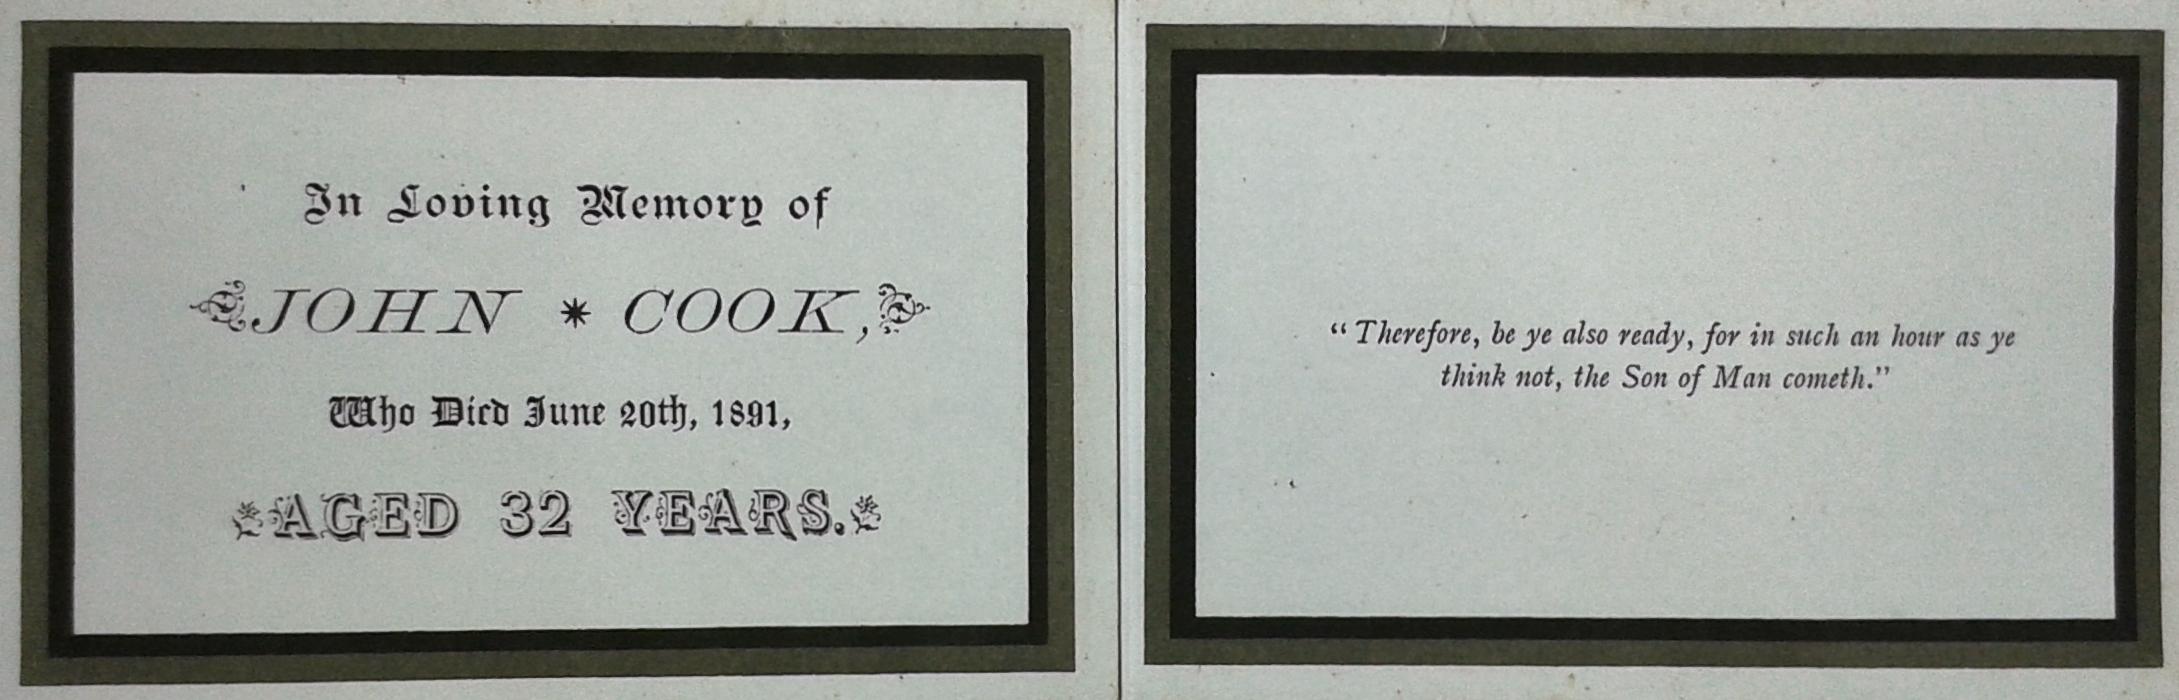 John Cook card 1